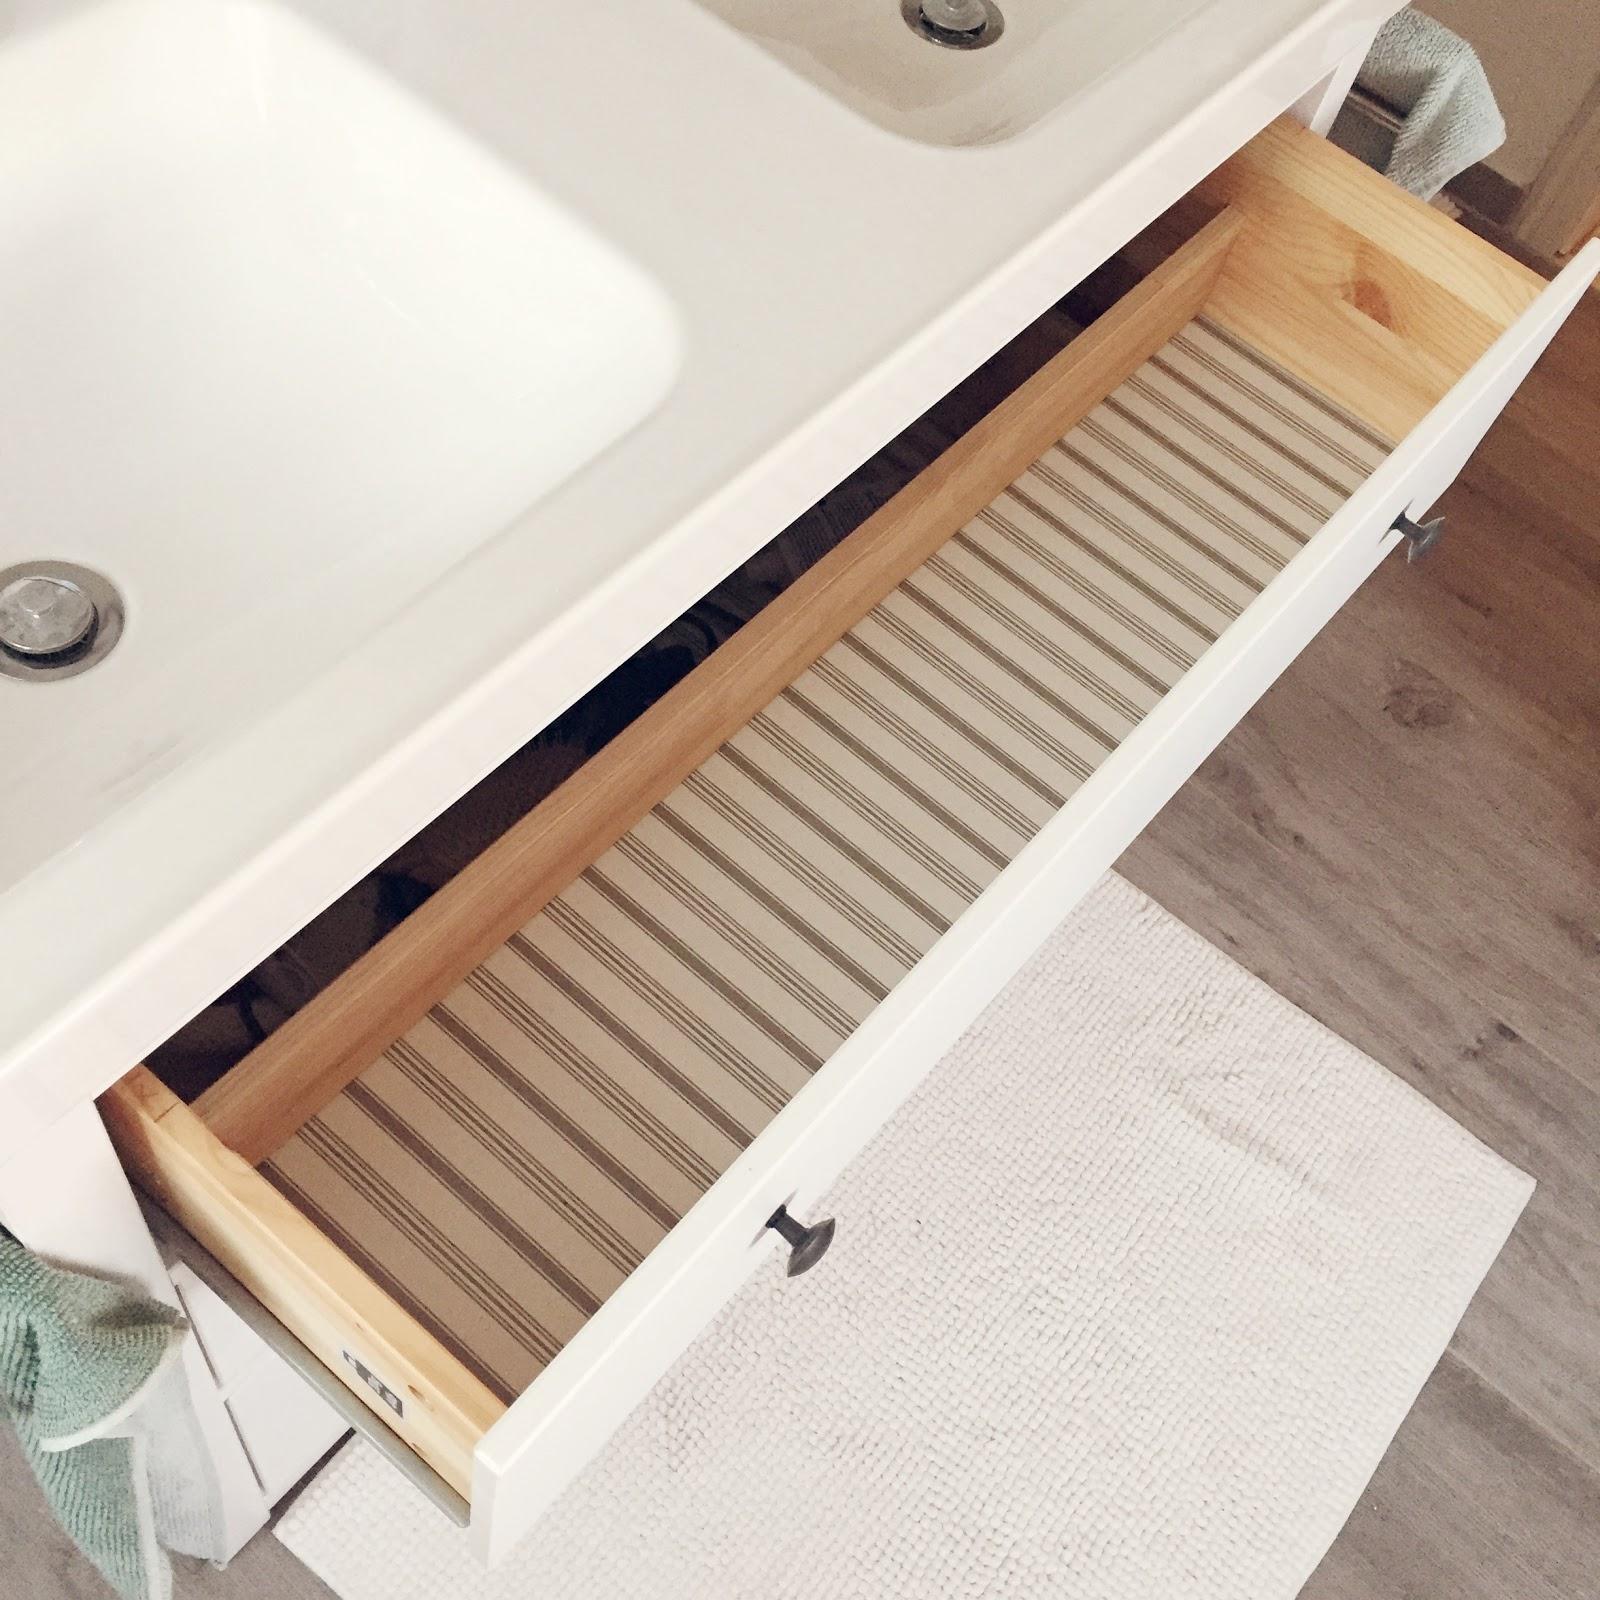 wir bauen ein haus es ist soweit fashion kitchen. Black Bedroom Furniture Sets. Home Design Ideas